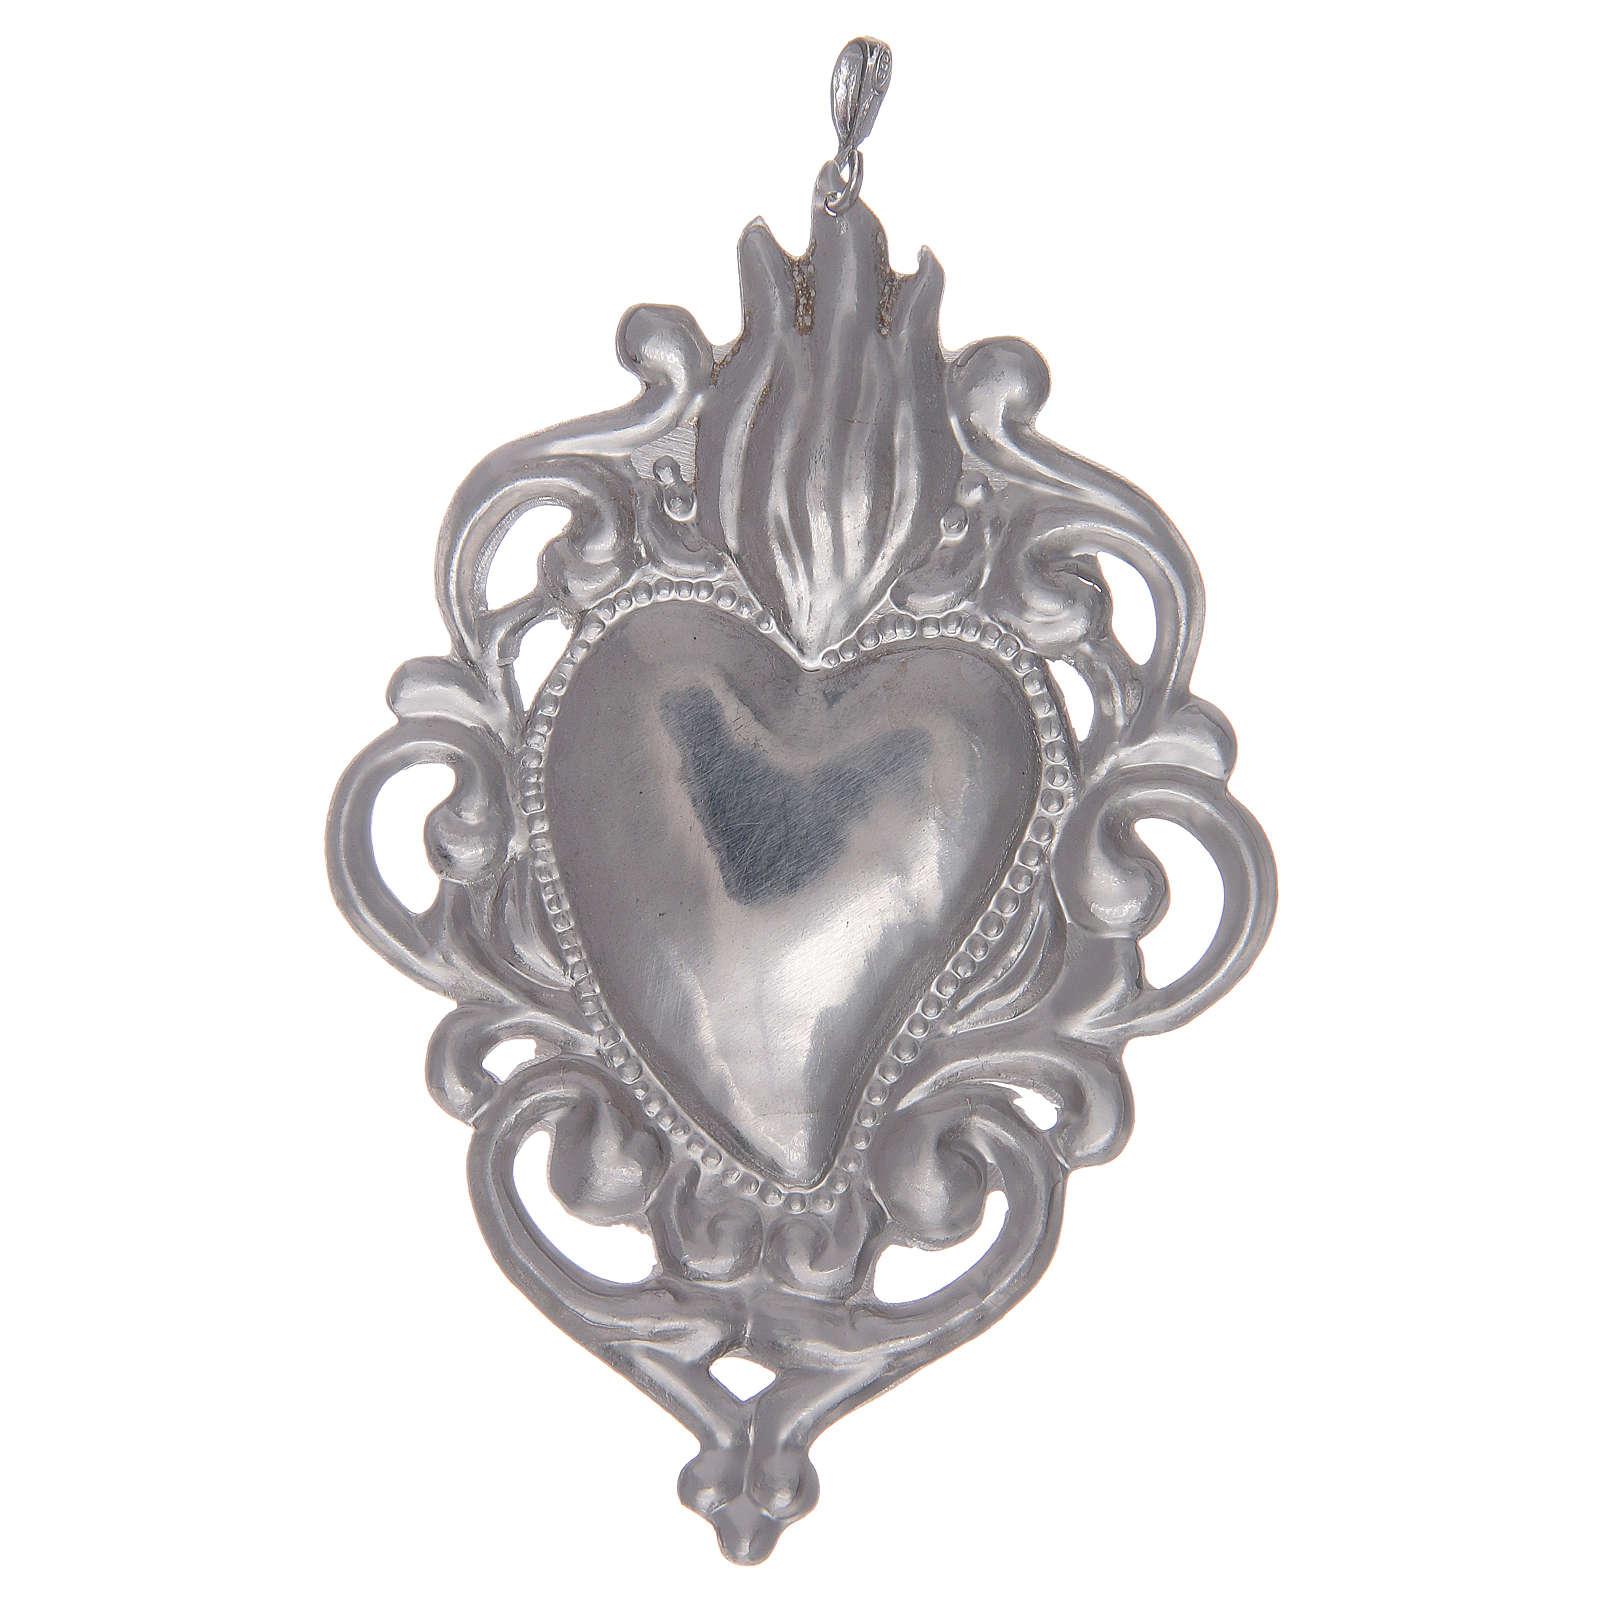 Ciondolo cuore votivo in argento 925 4